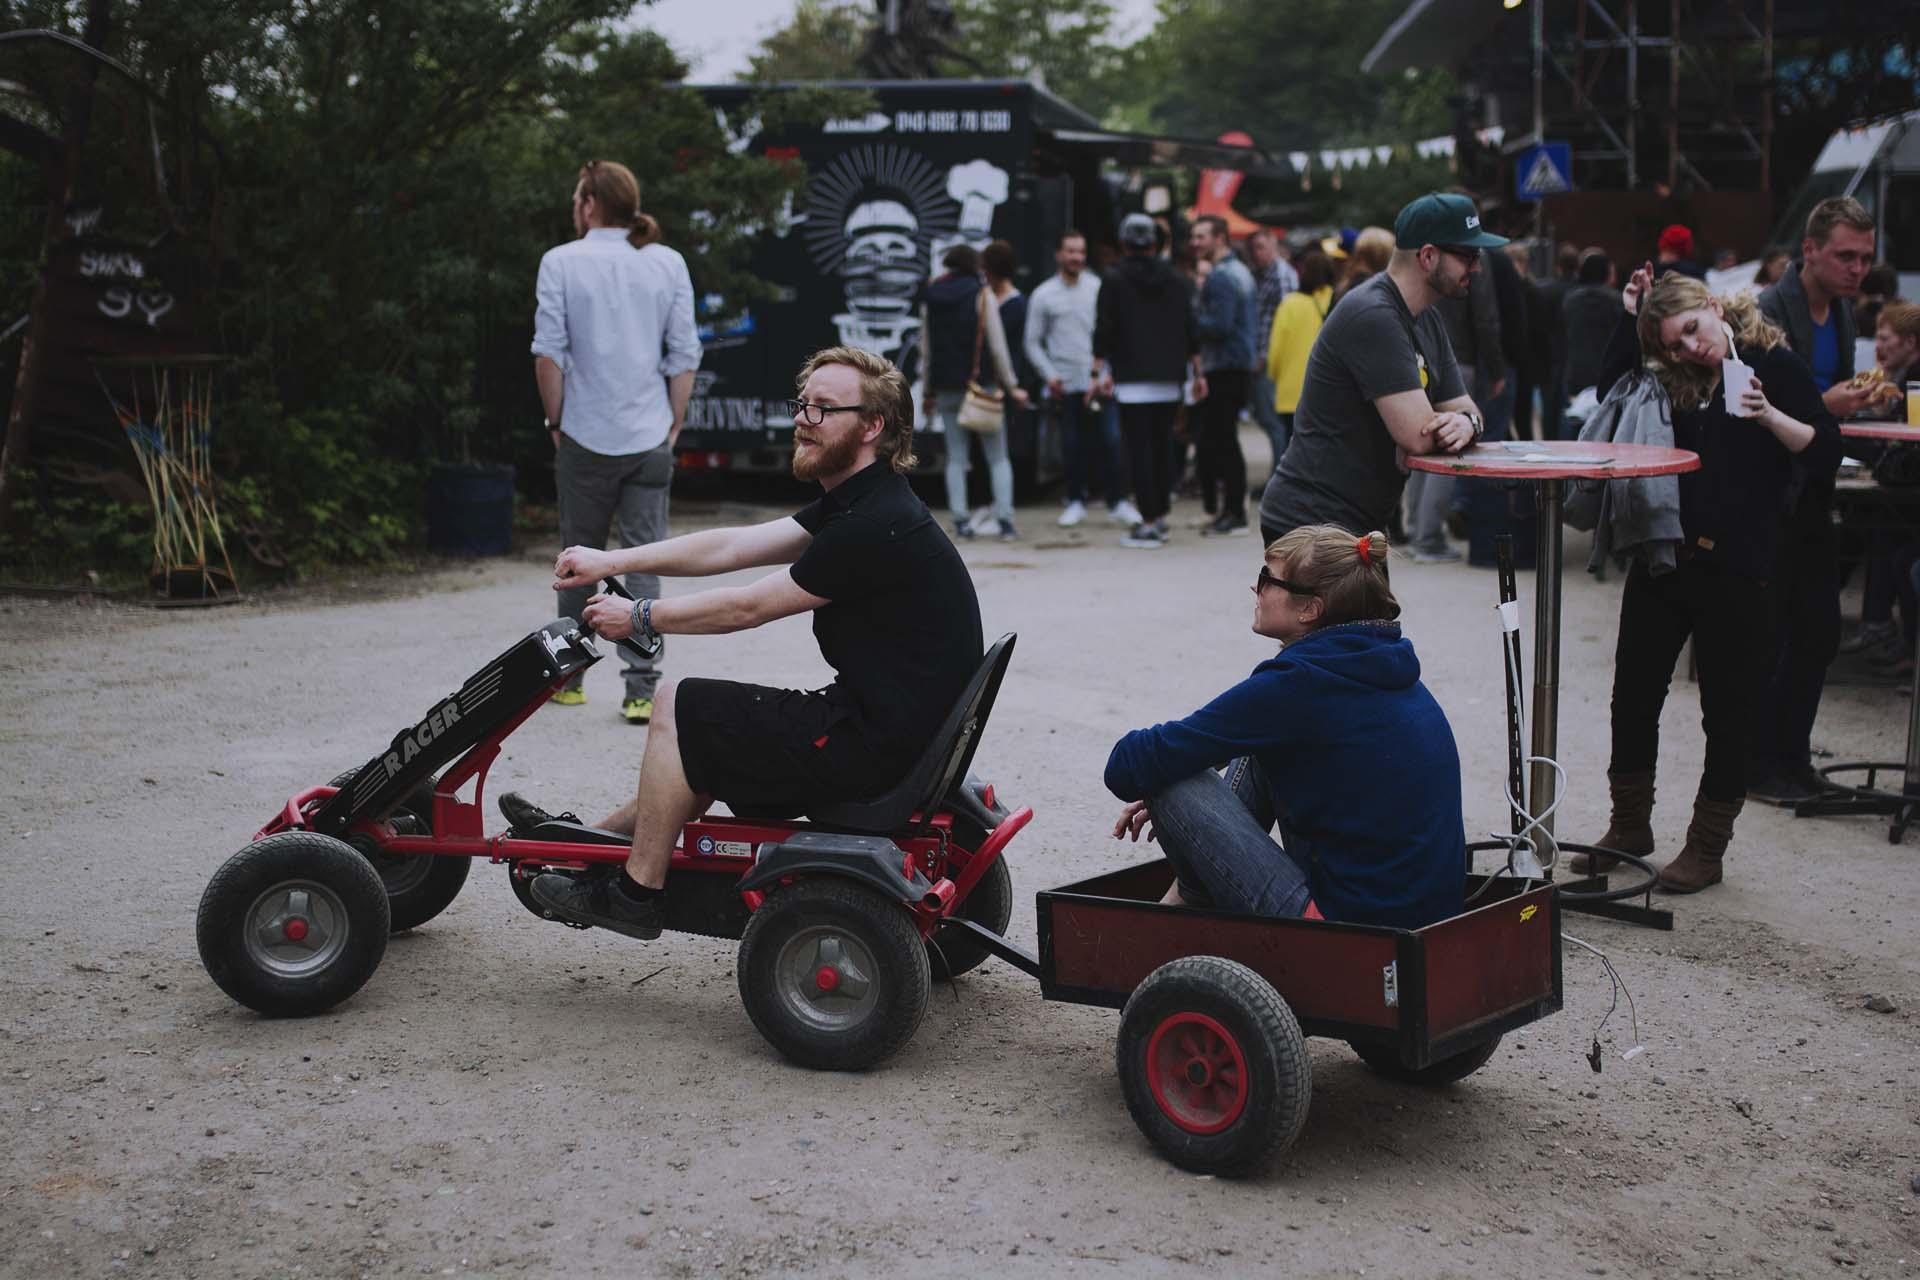 burgerfestival_wearecity_köln17.jpg